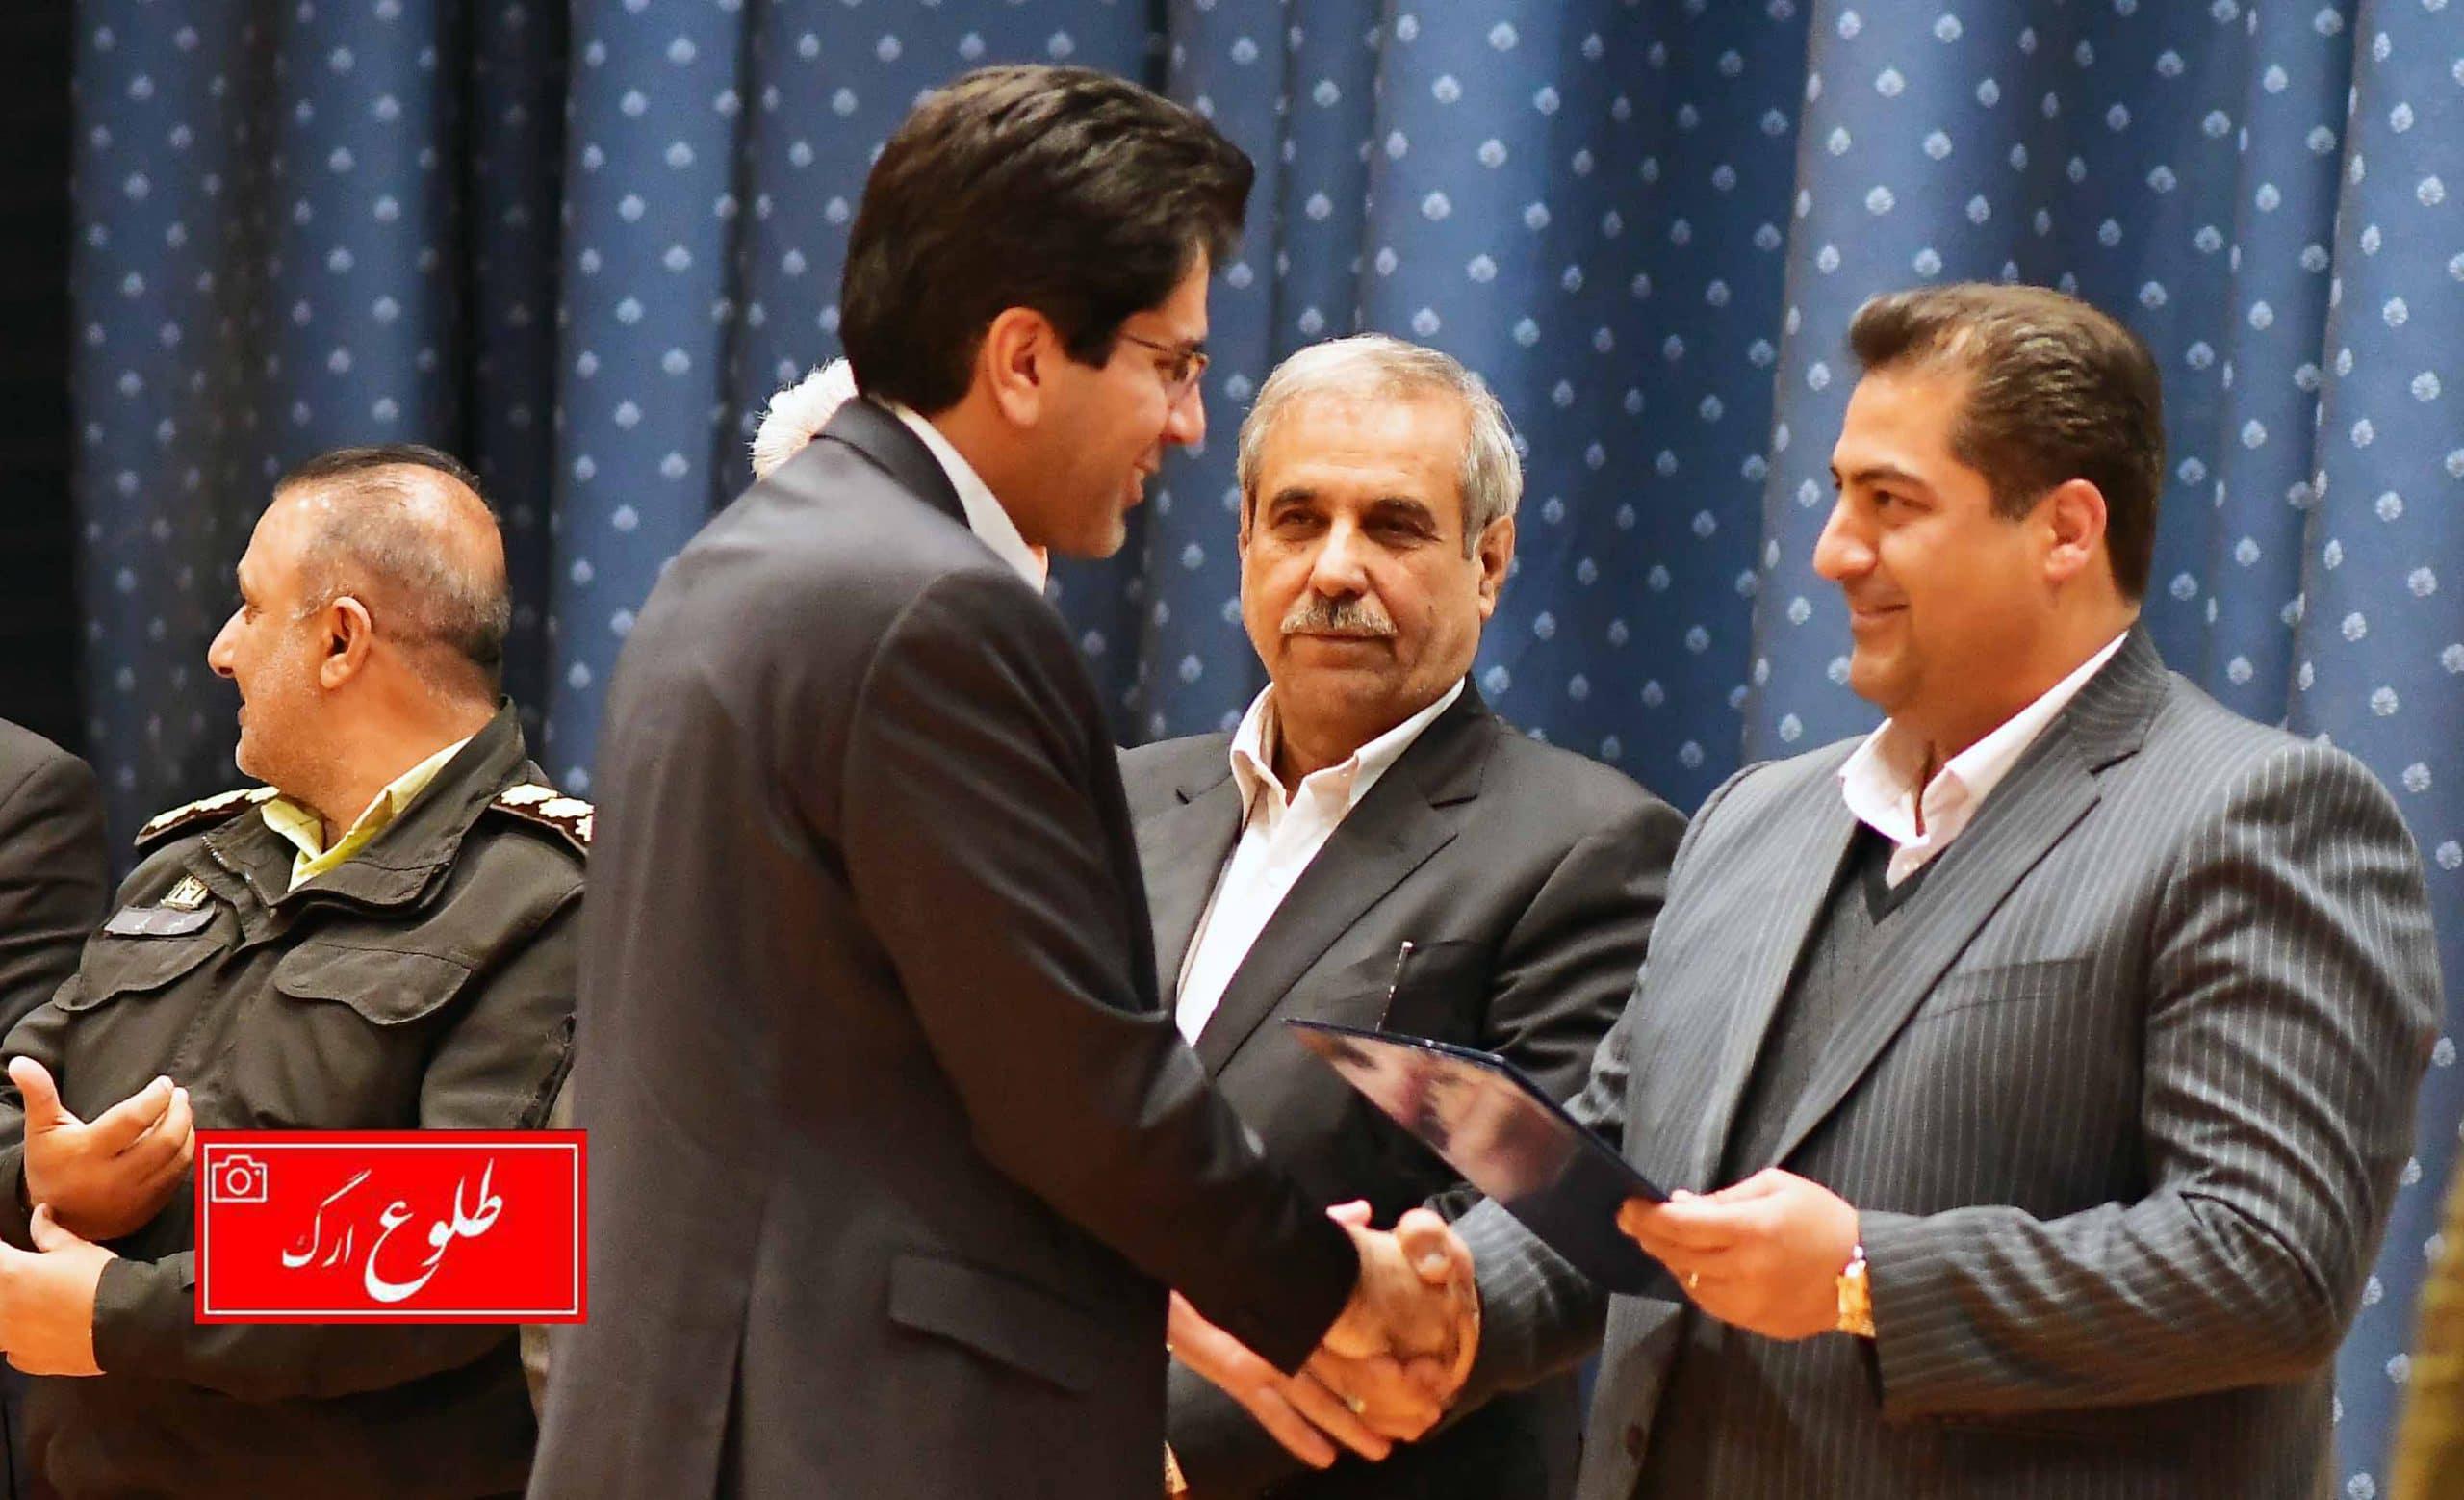 گزارش تصویری مراسم معارفه محمد بنی اسدی به عنوان شهردار شهر جهانی بم